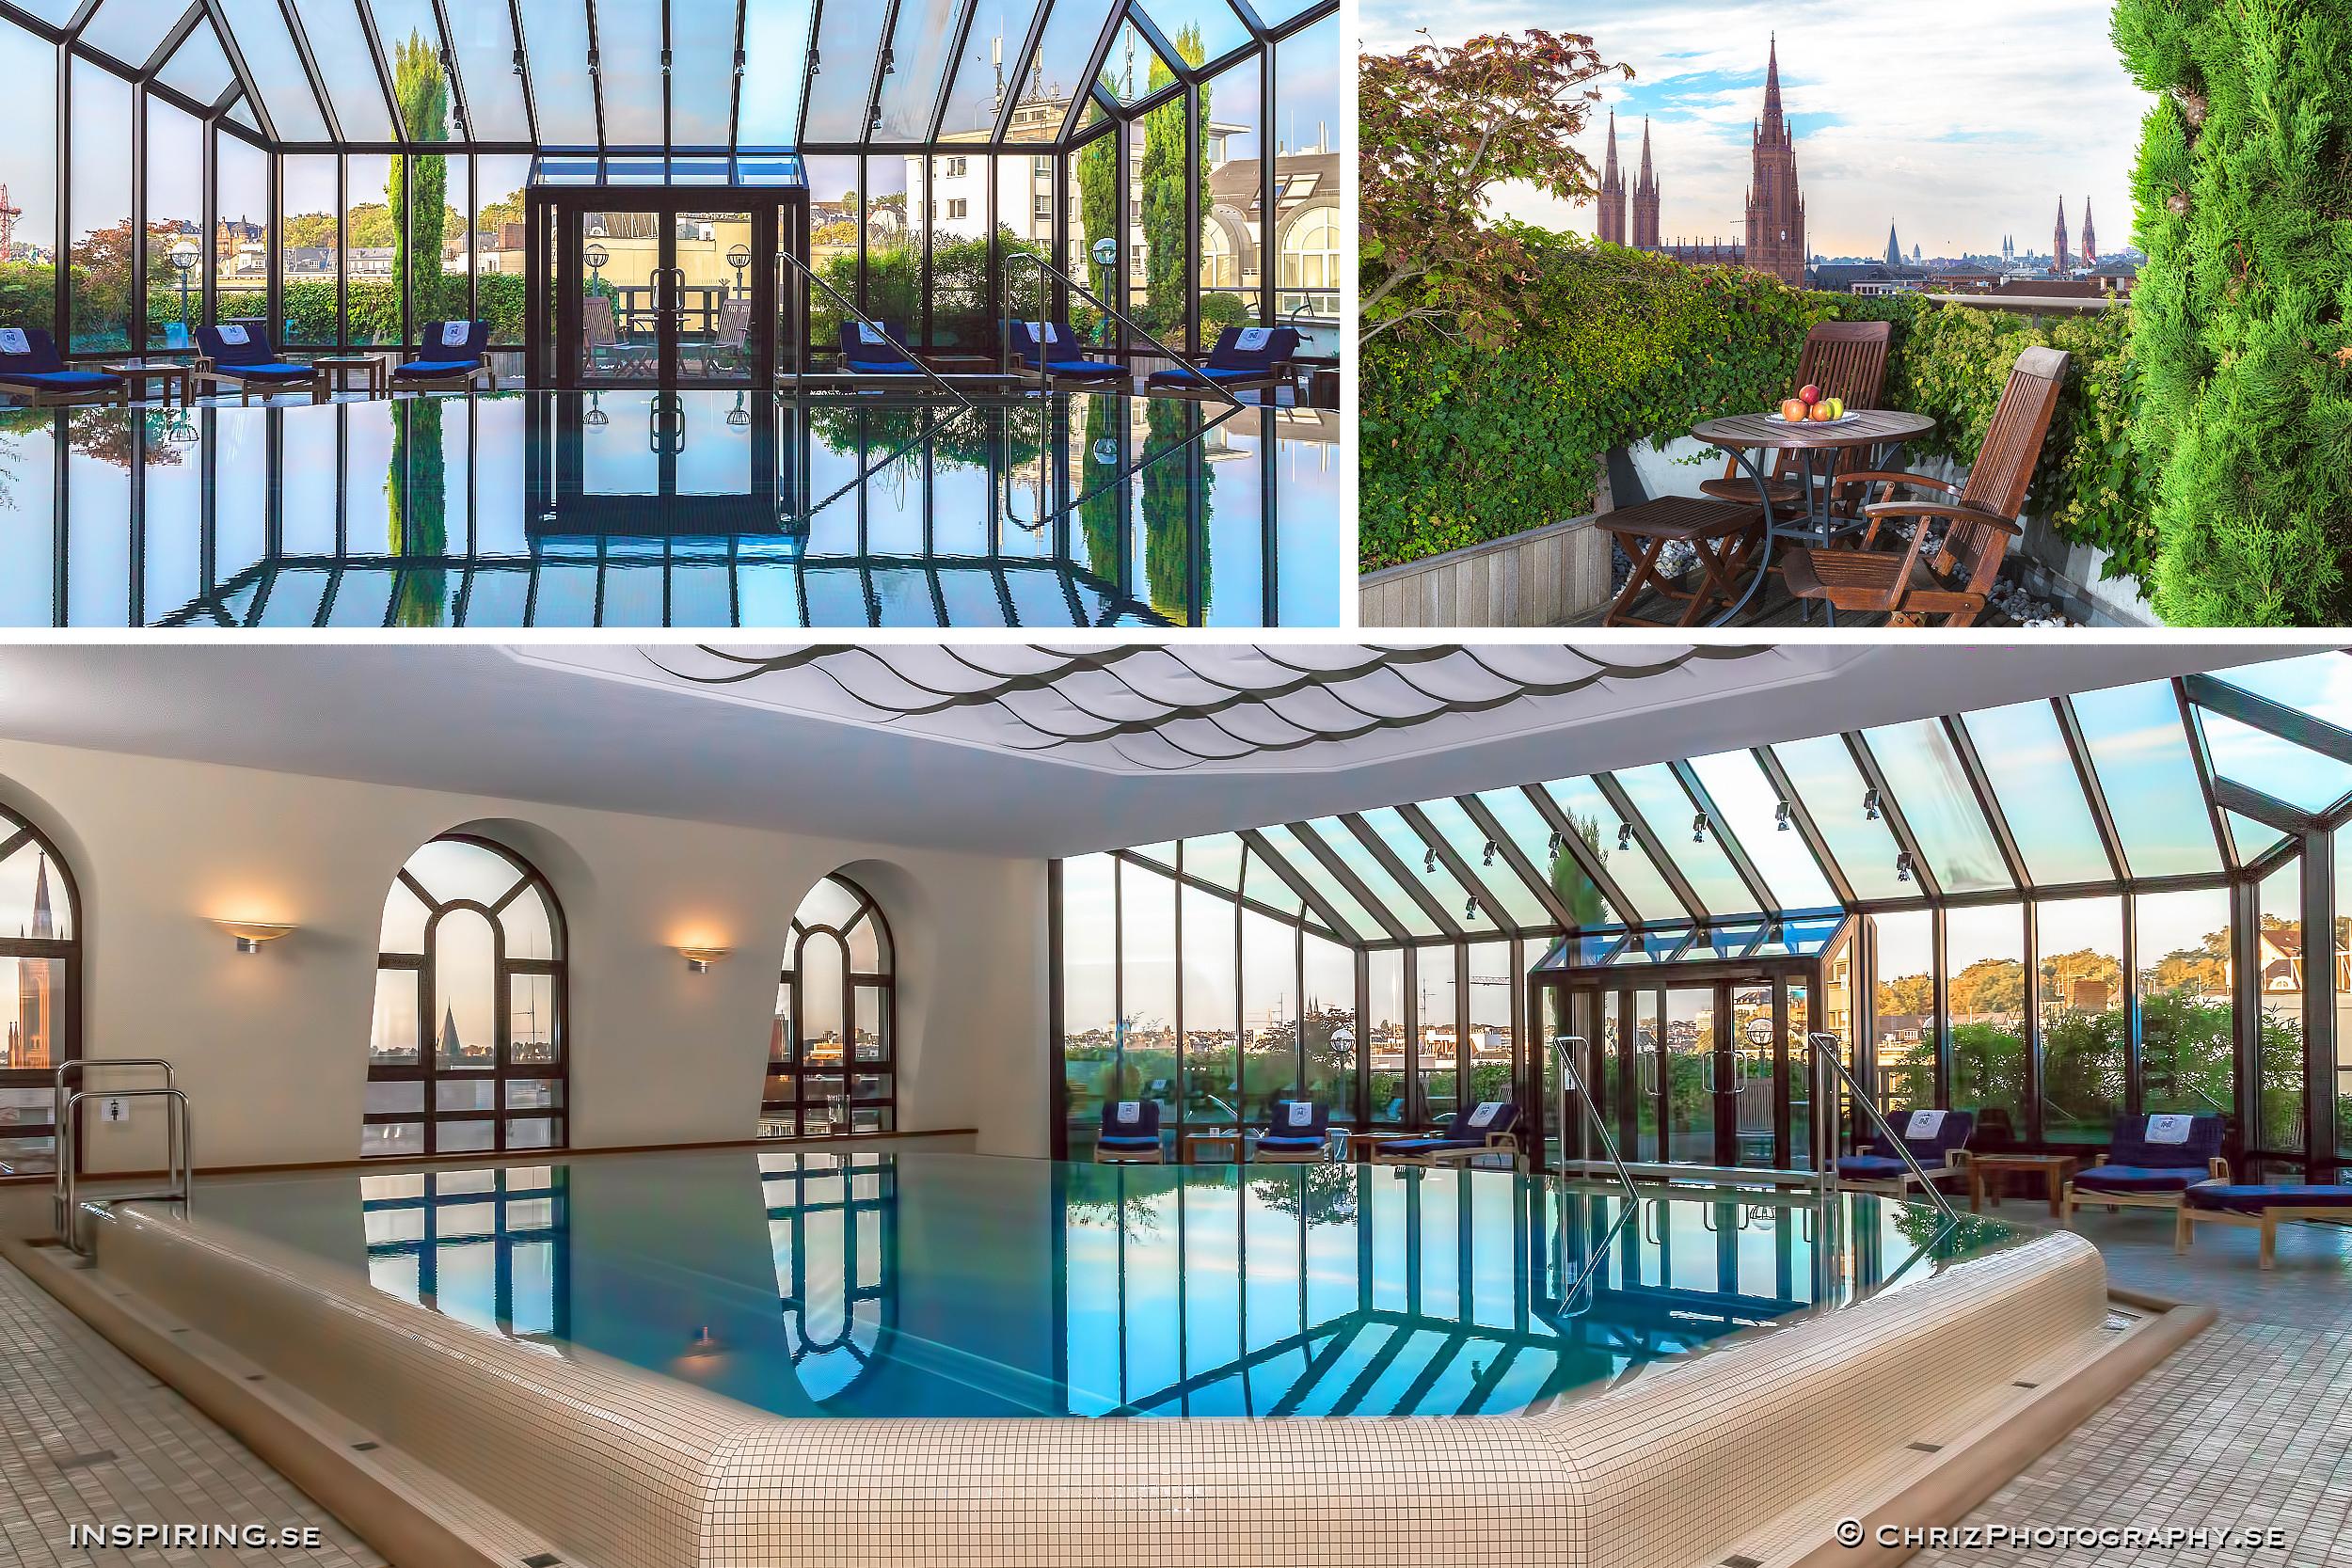 Hotel_Nassauer_Hof_Inspiring.se_copyright_ChrizPhotography.se_15.jpg